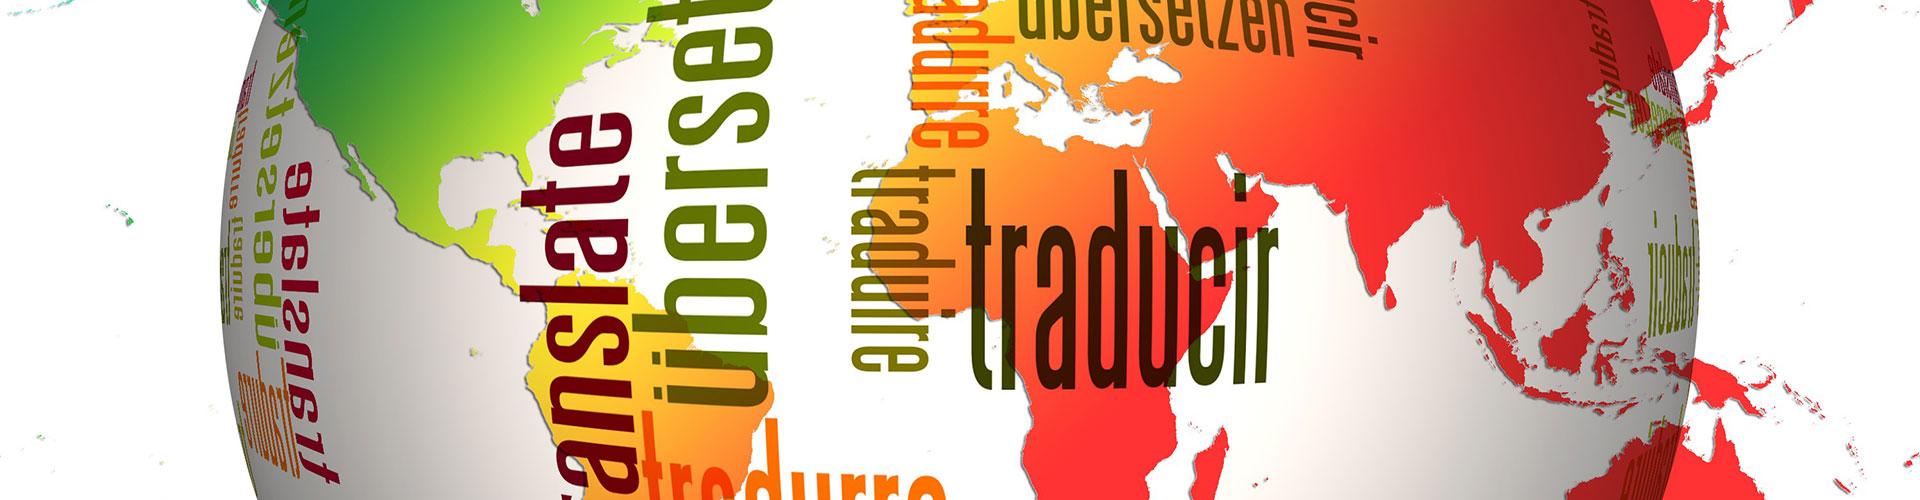 Servizi di Traduzione e Interpretariato